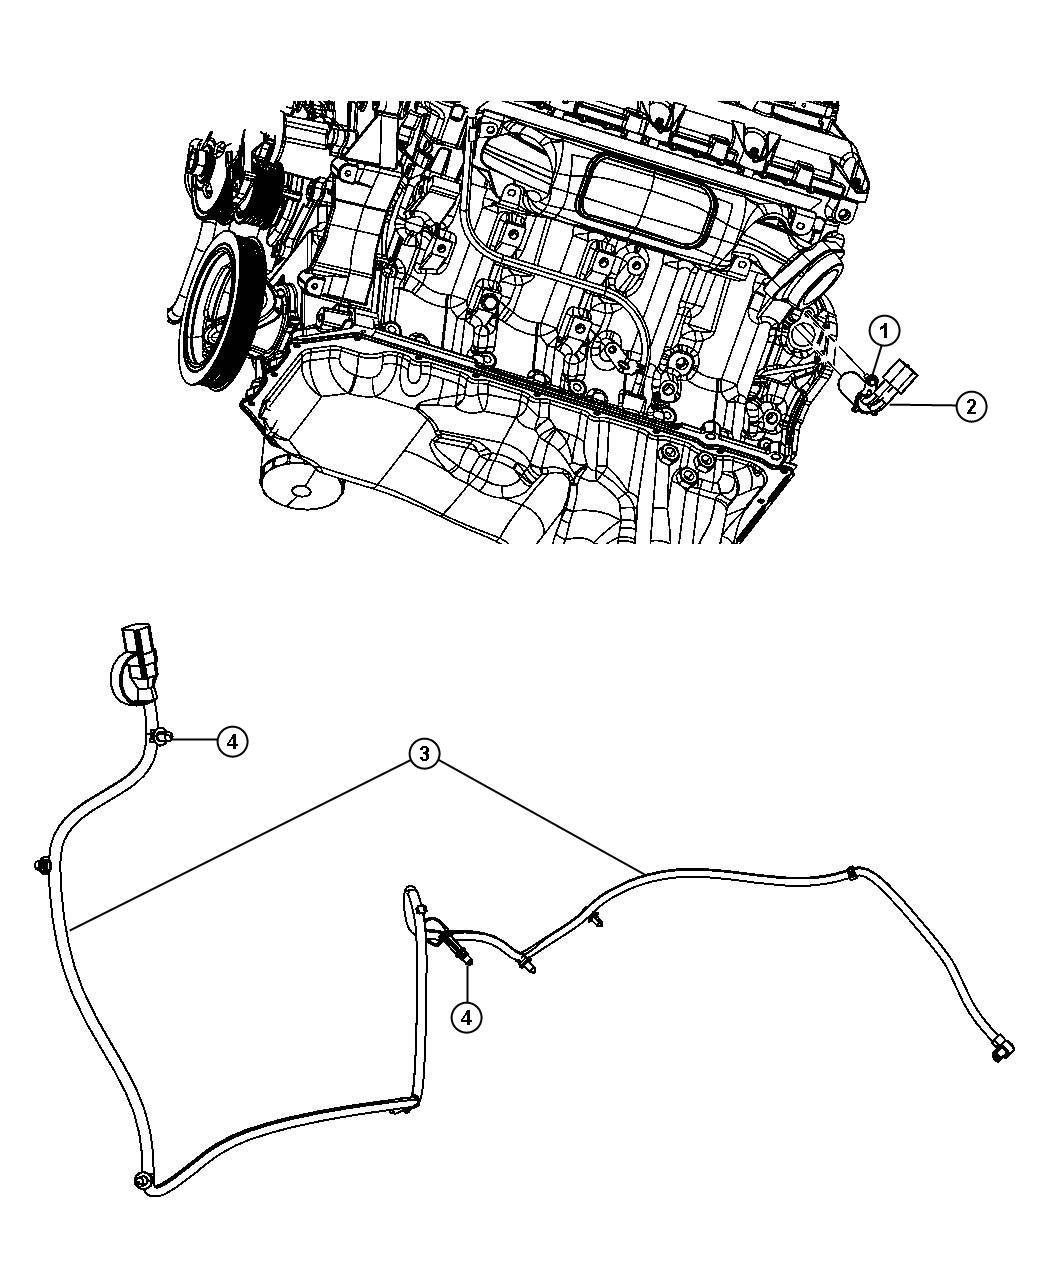 2011 Dodge Ram 1500 Engine Cylinder Block Heater 5.7L [EZH]